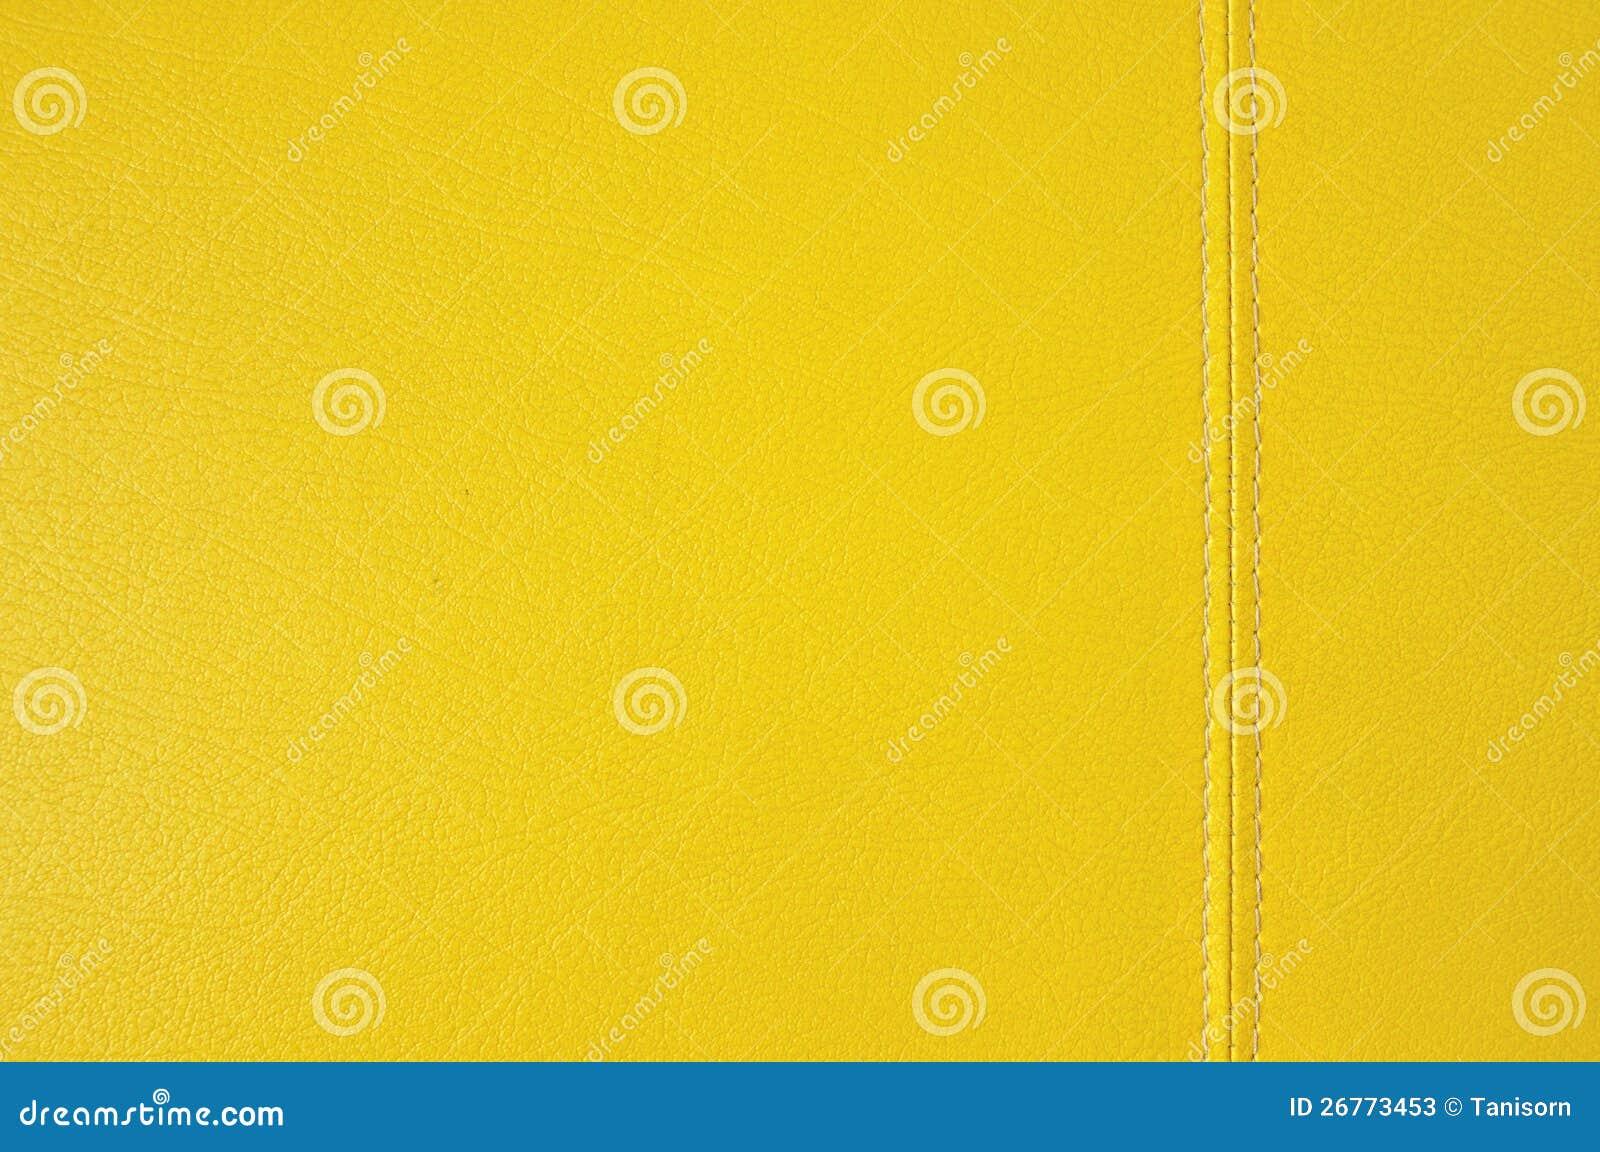 желтые текстуры: